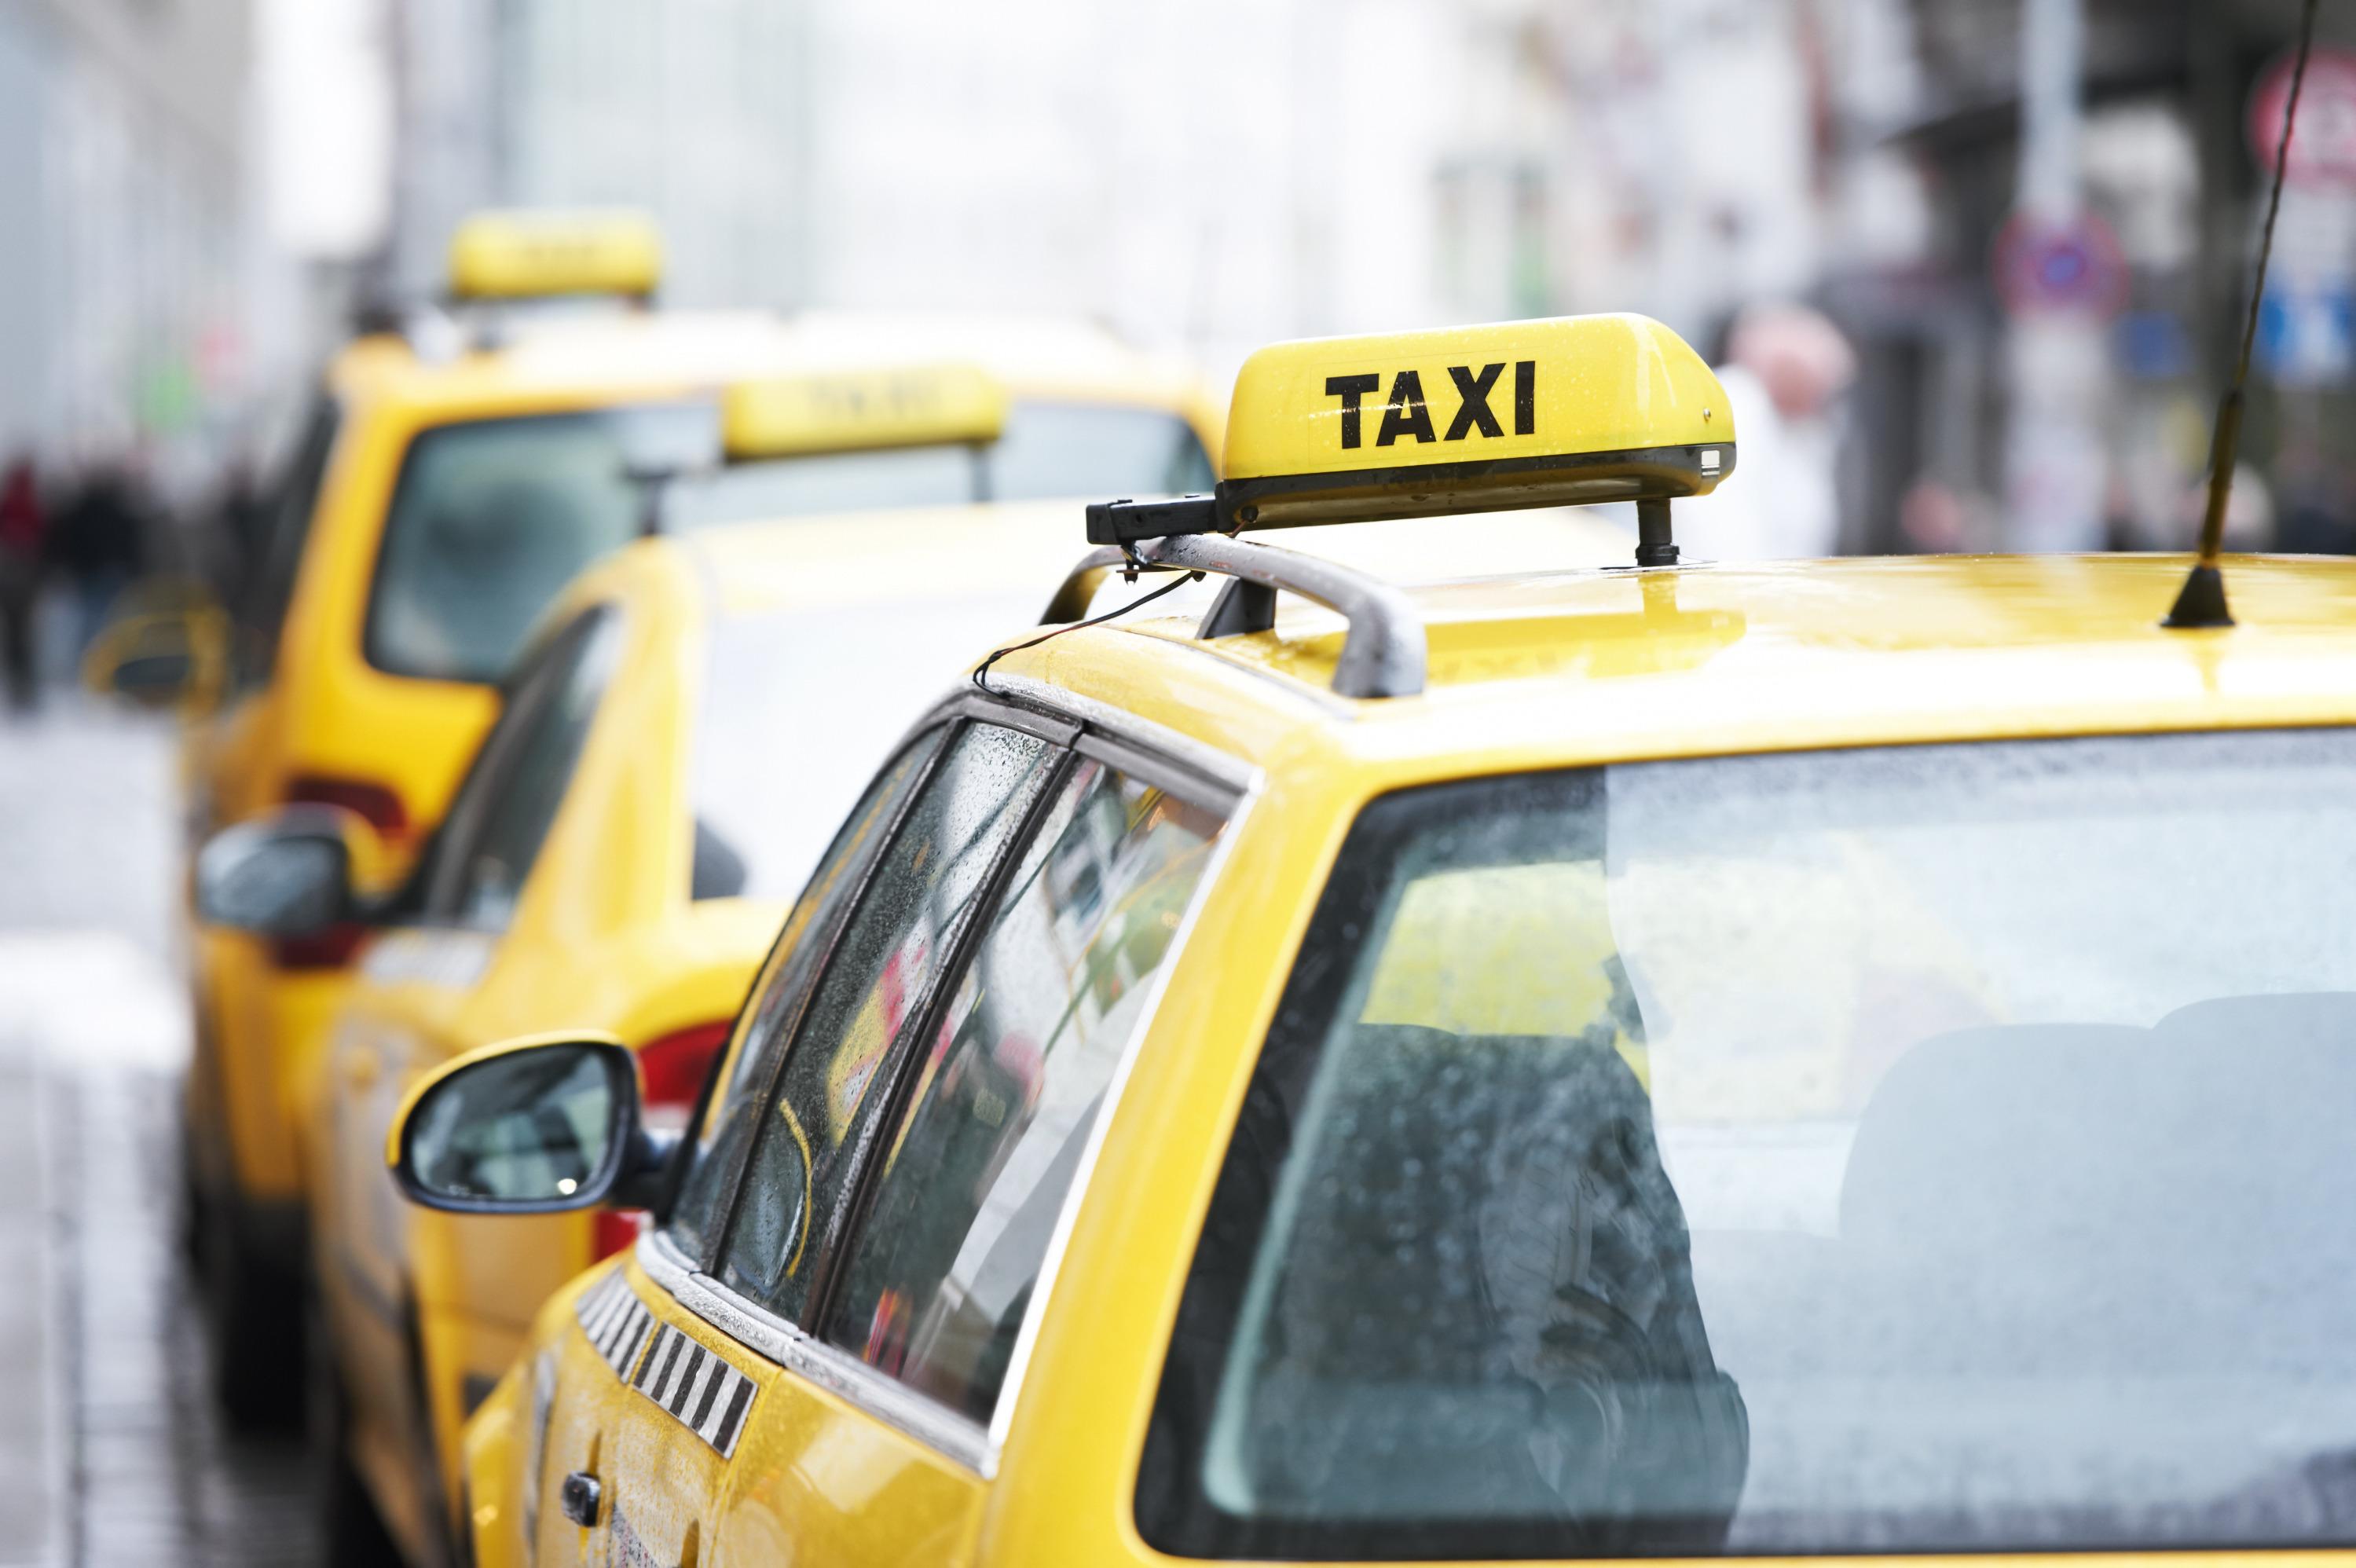 К акции присоединяются только те водители, которые находятся в черном списке и не востребованы на рынке такси